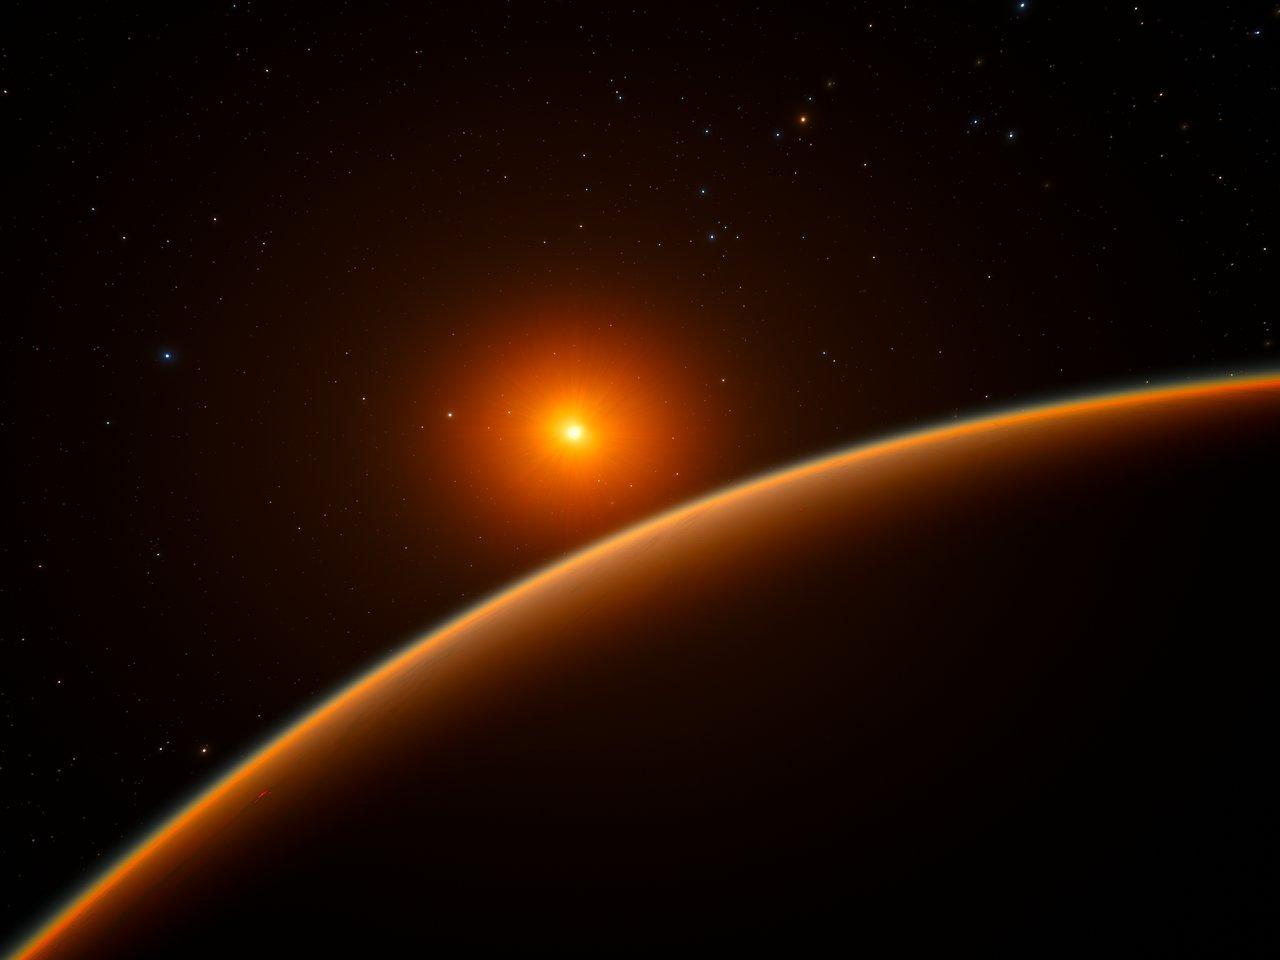 LHS 1140 b. идеально подходят для известной нам инопланетной жизни